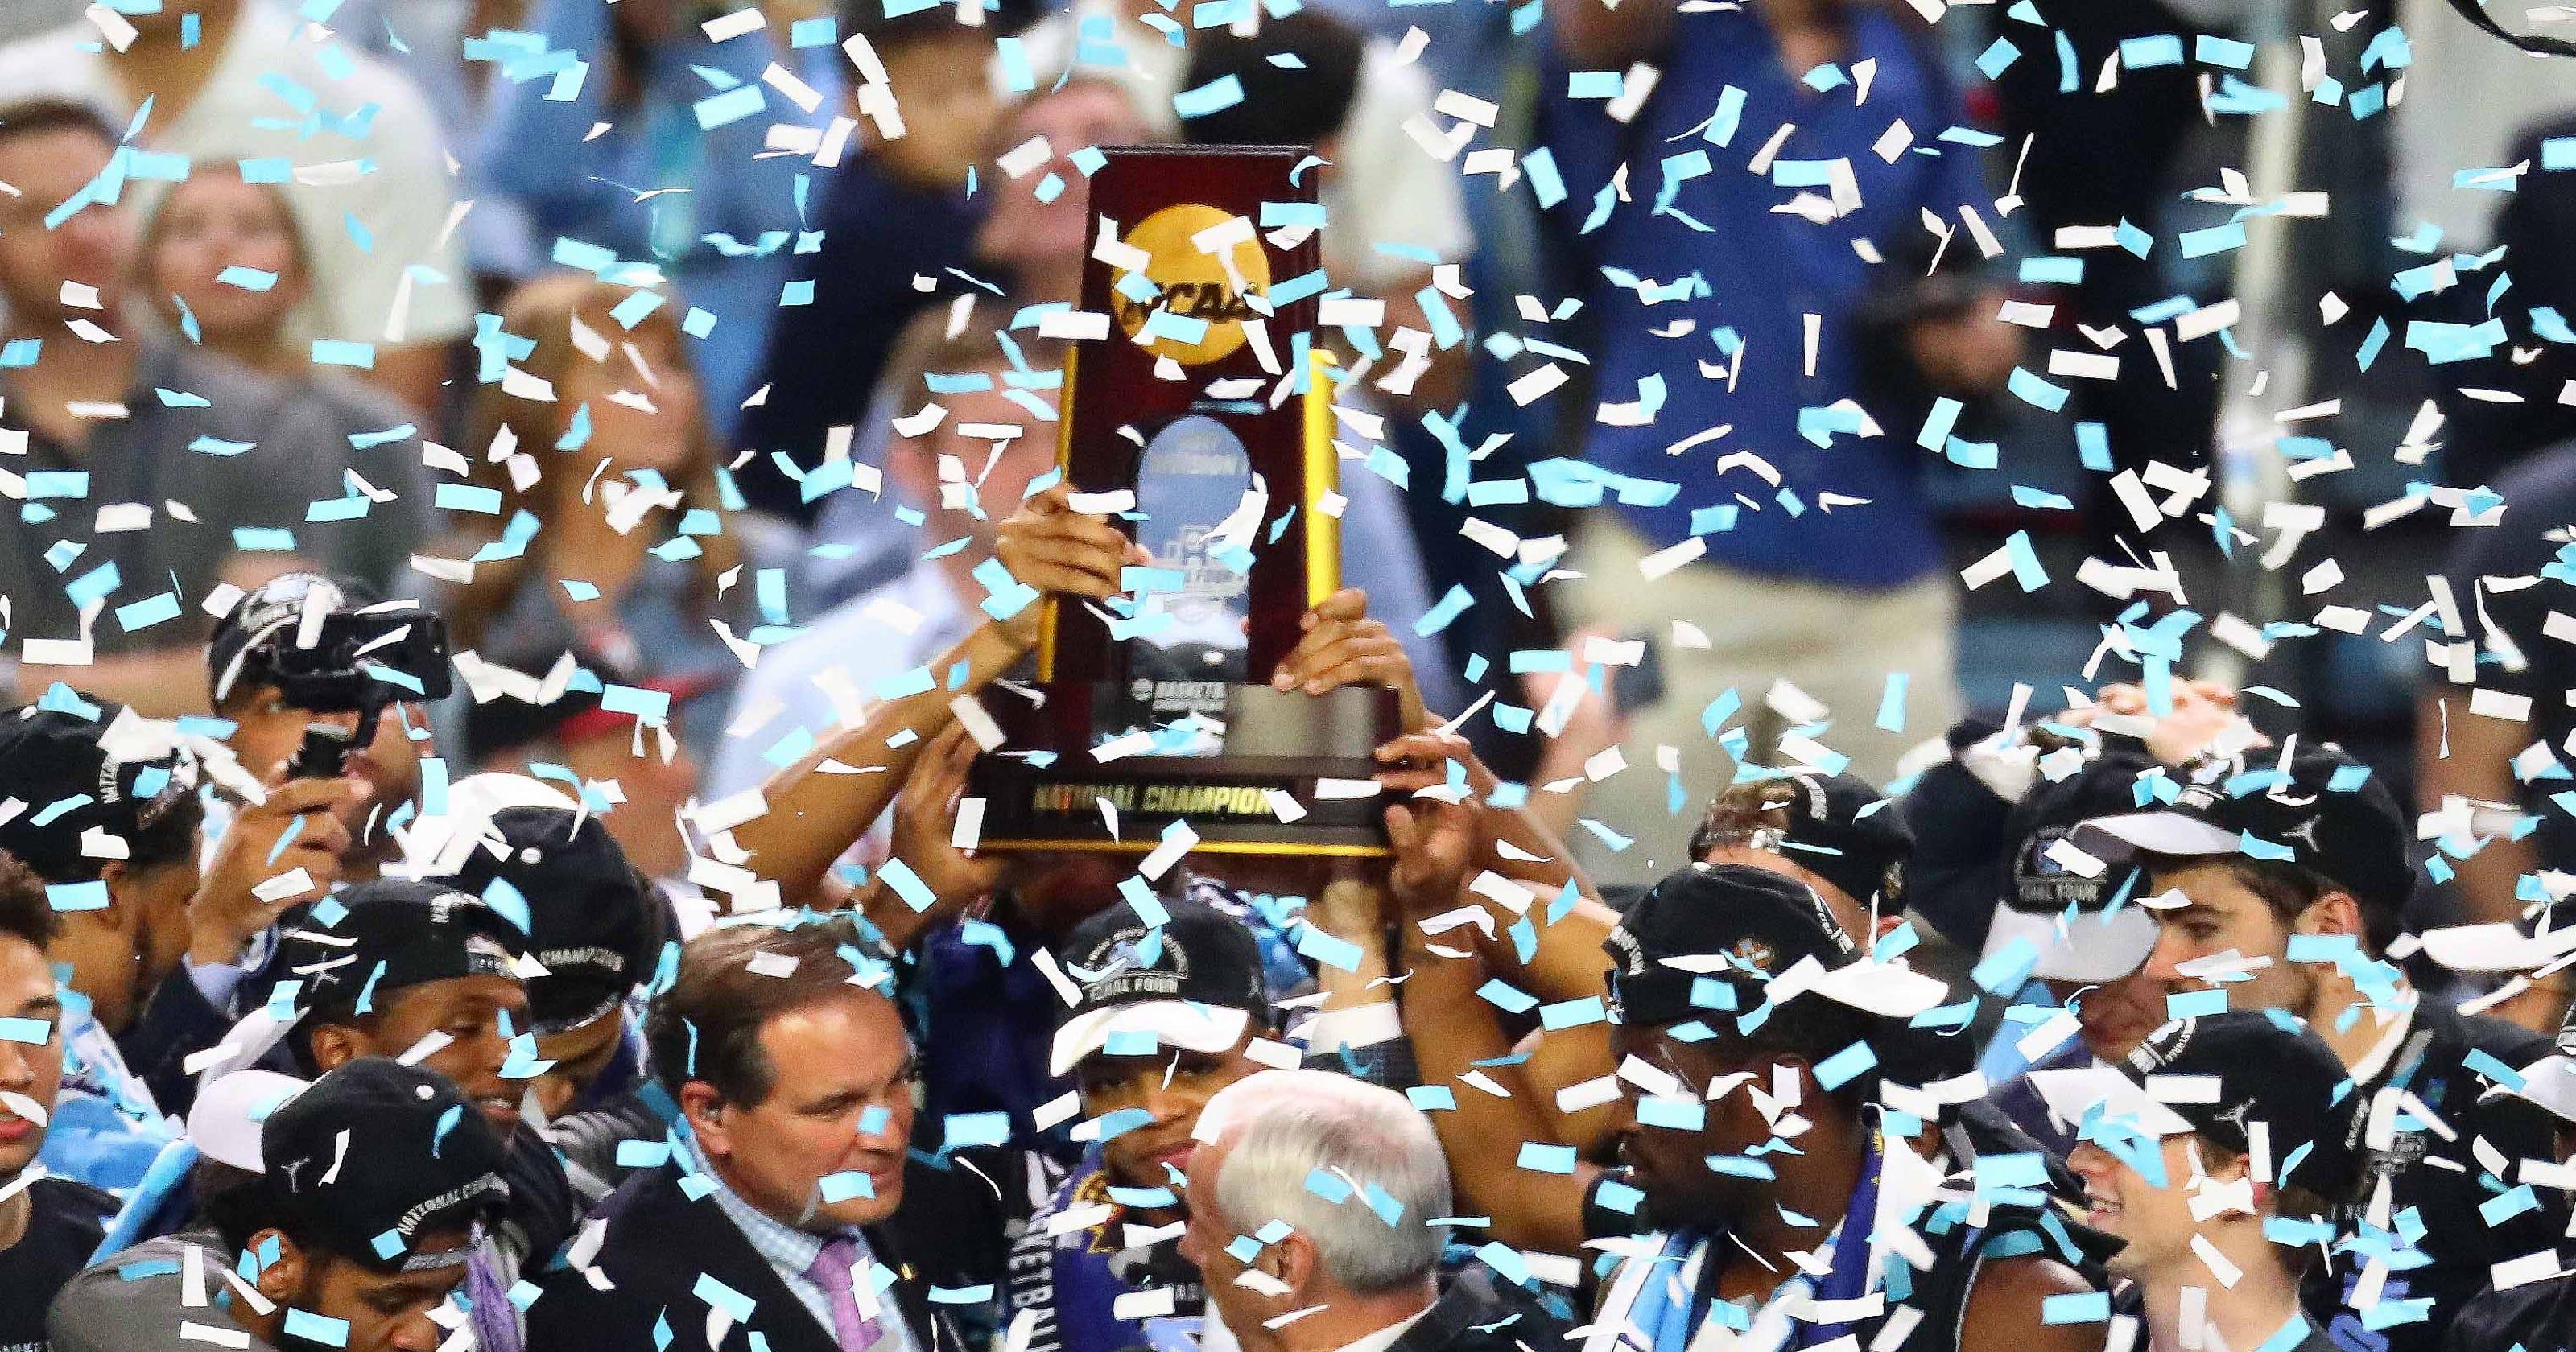 NCAA College Basketball Lines, News, & Analysis | The ...